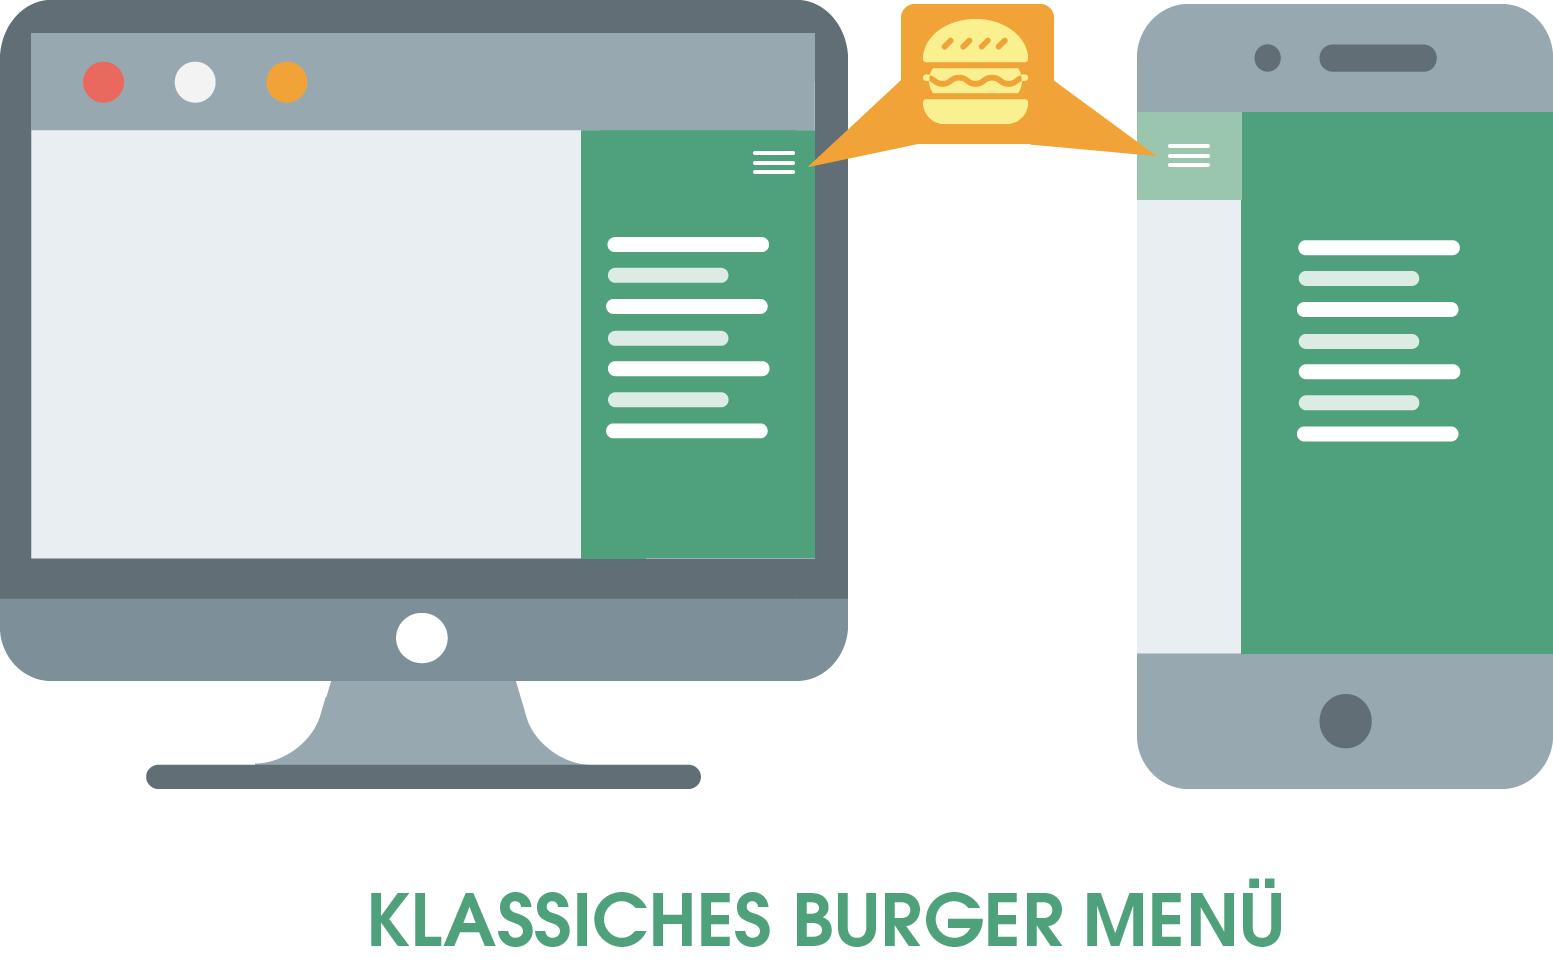 Hier findest Du eine schematische Darstellung des klassischen Burger Menüs. Zu erkennen ist dieses an den drei übereinander gestapelten Balken. Klickt ein Nutzer auf dieses Symbol öffnet sich das Menü in Form einer vertikalen Navigation.